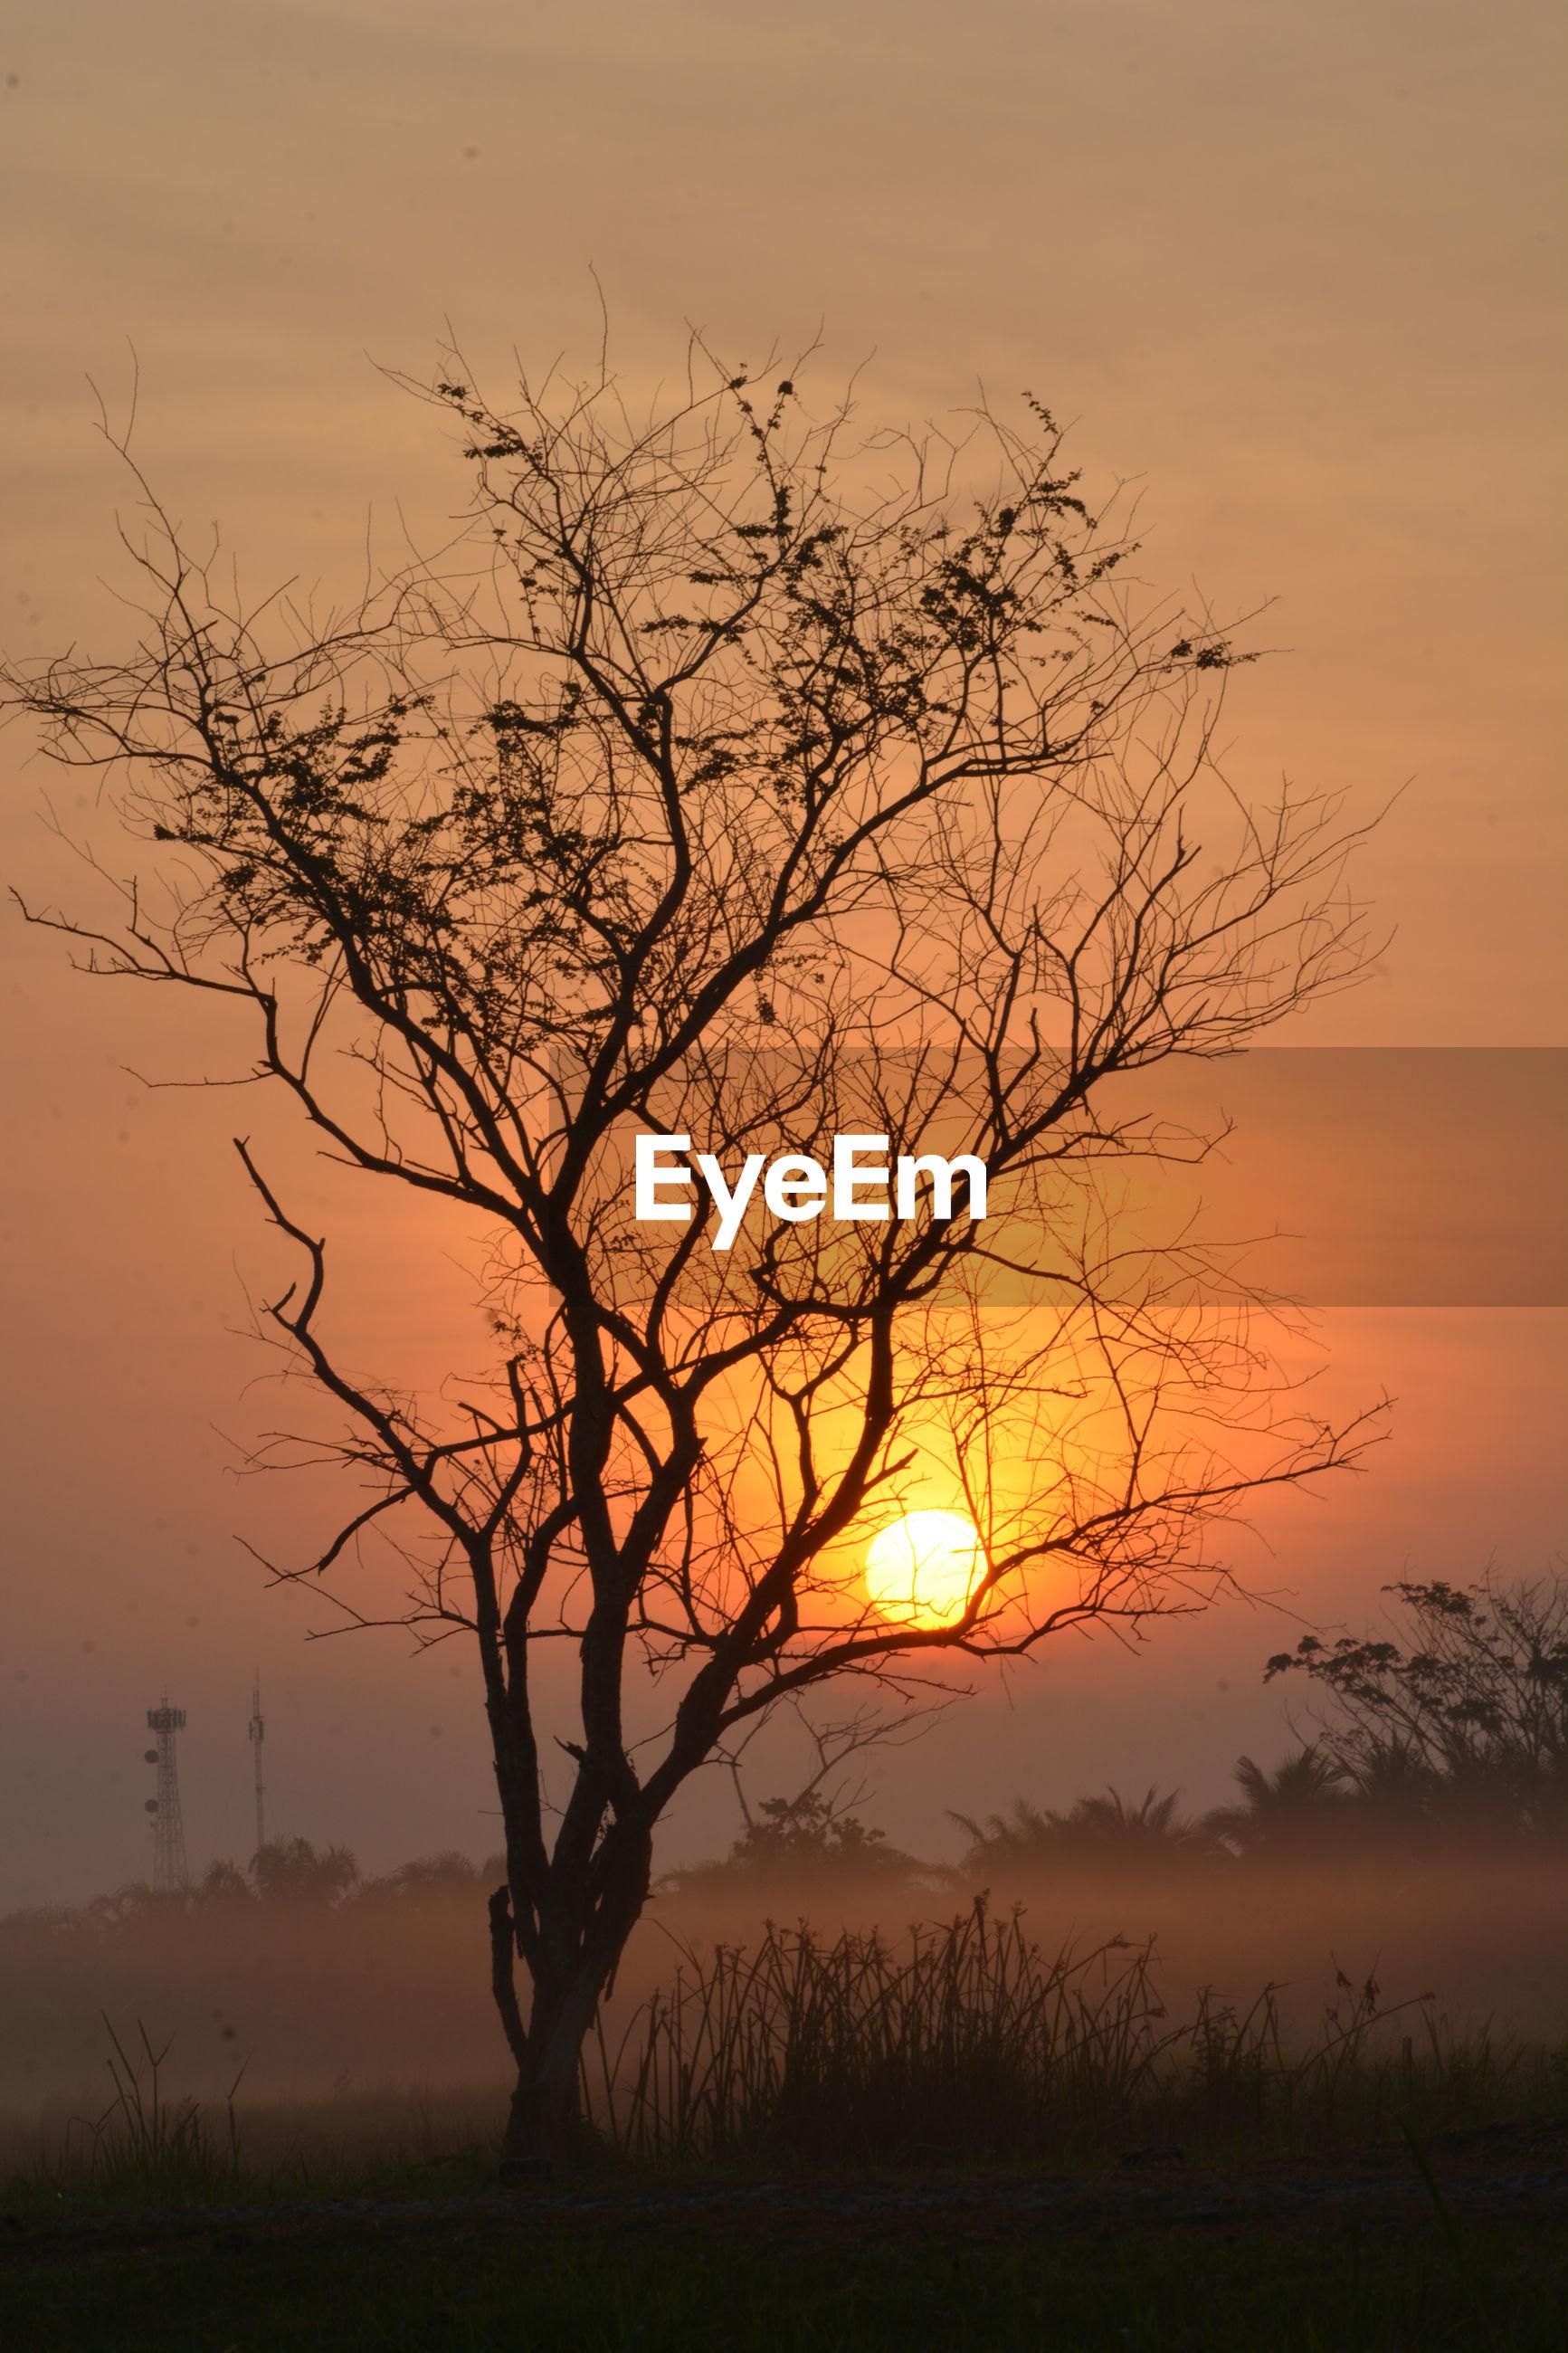 BARE TREE ON FIELD AGAINST ORANGE SKY